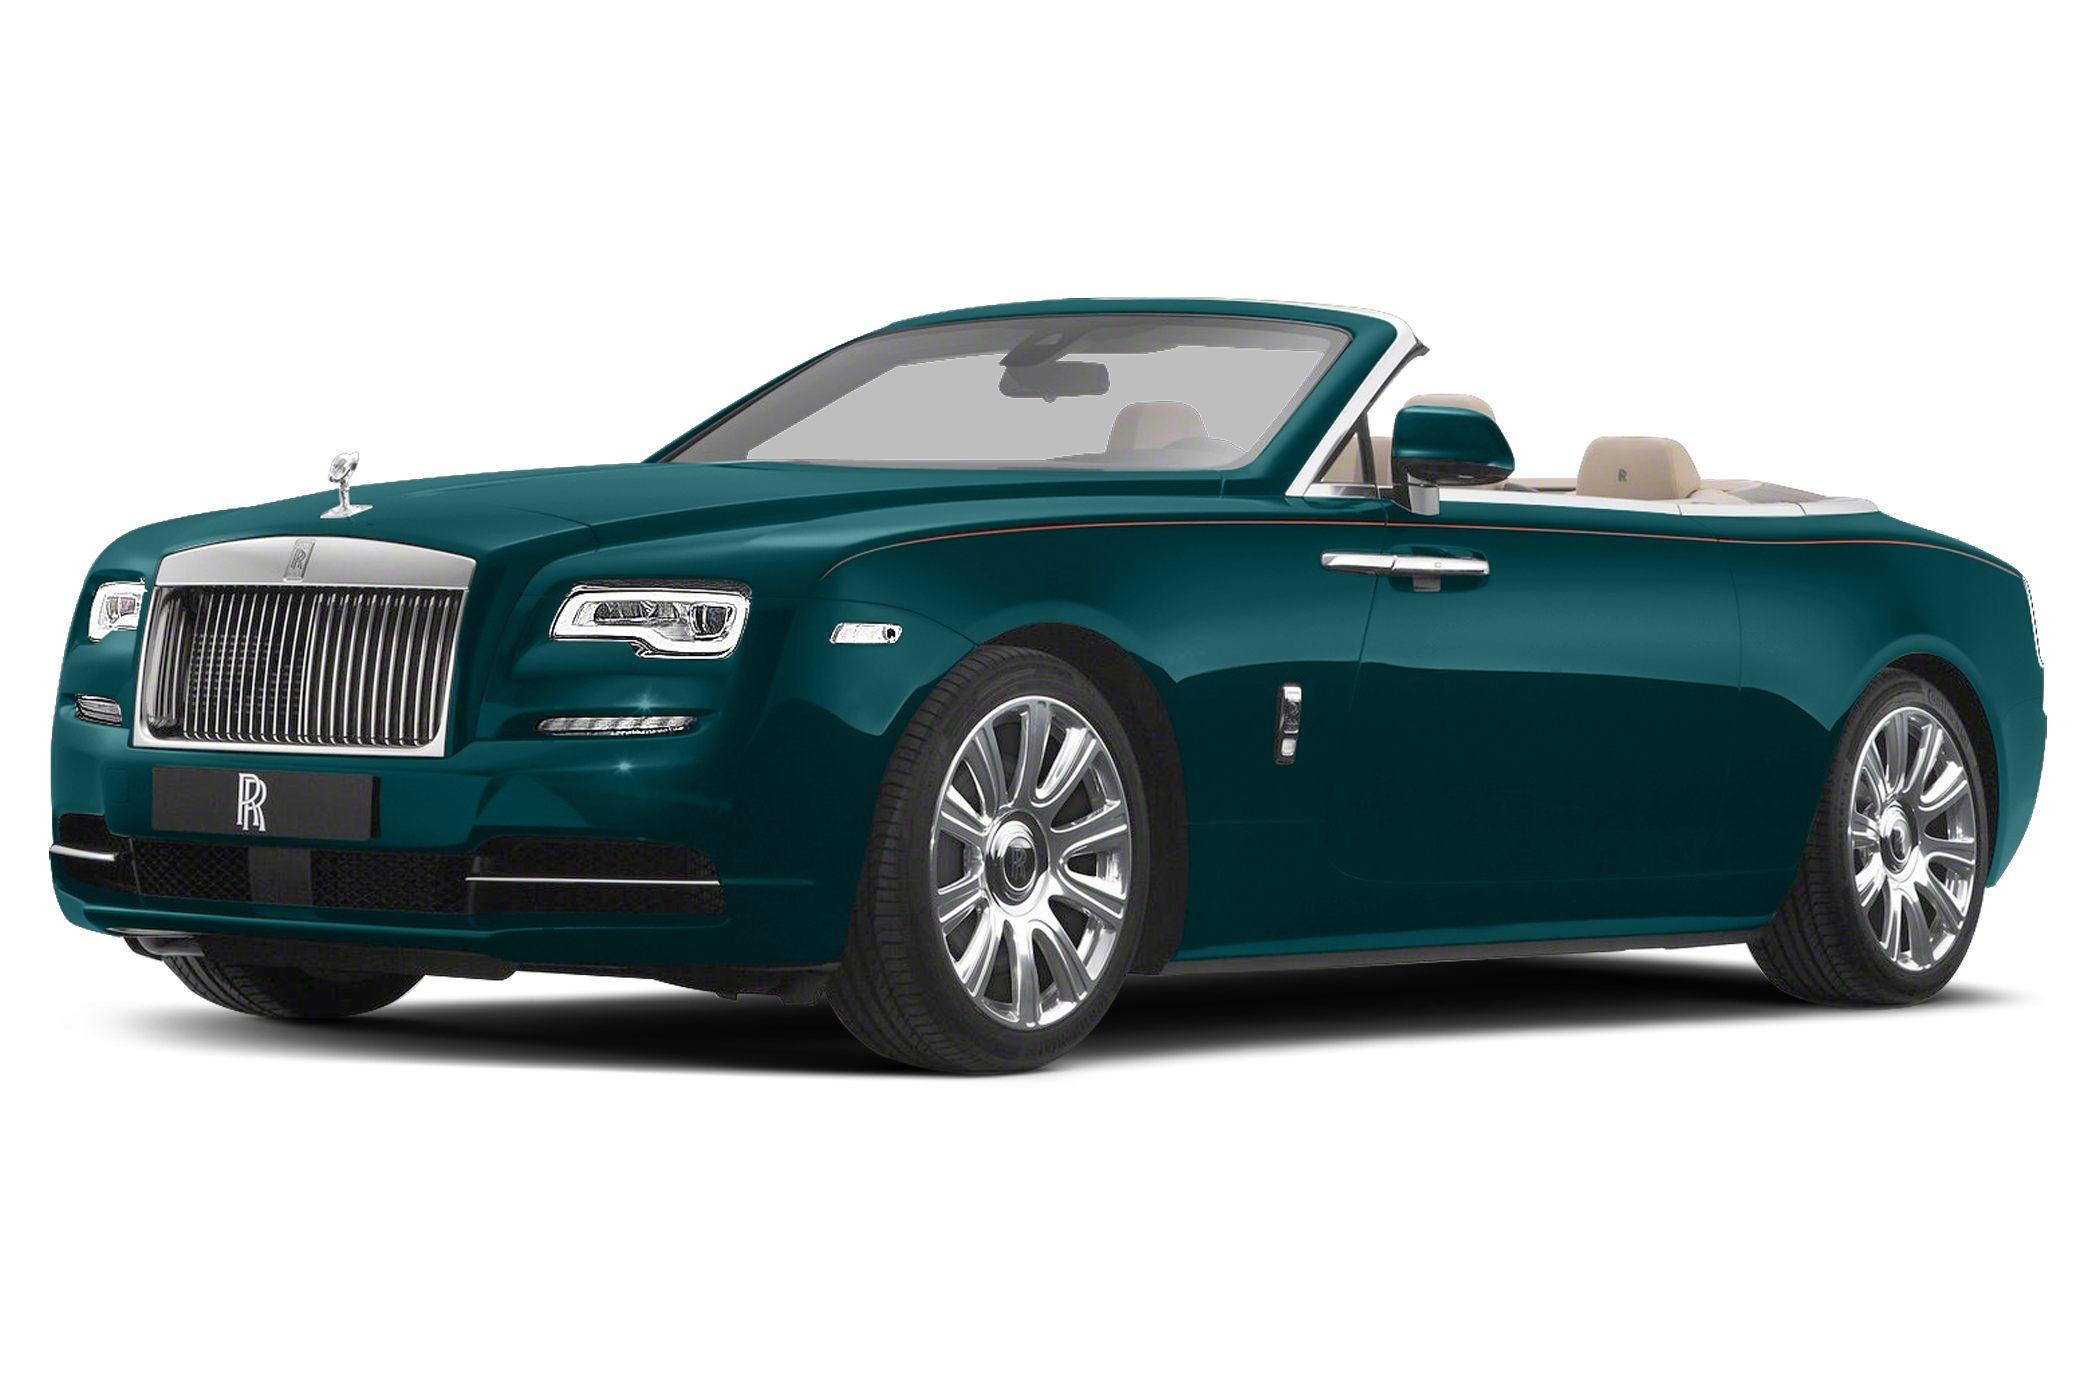 New Rolls Royce dawn for Sale Rolls Royce Motor Cars OC